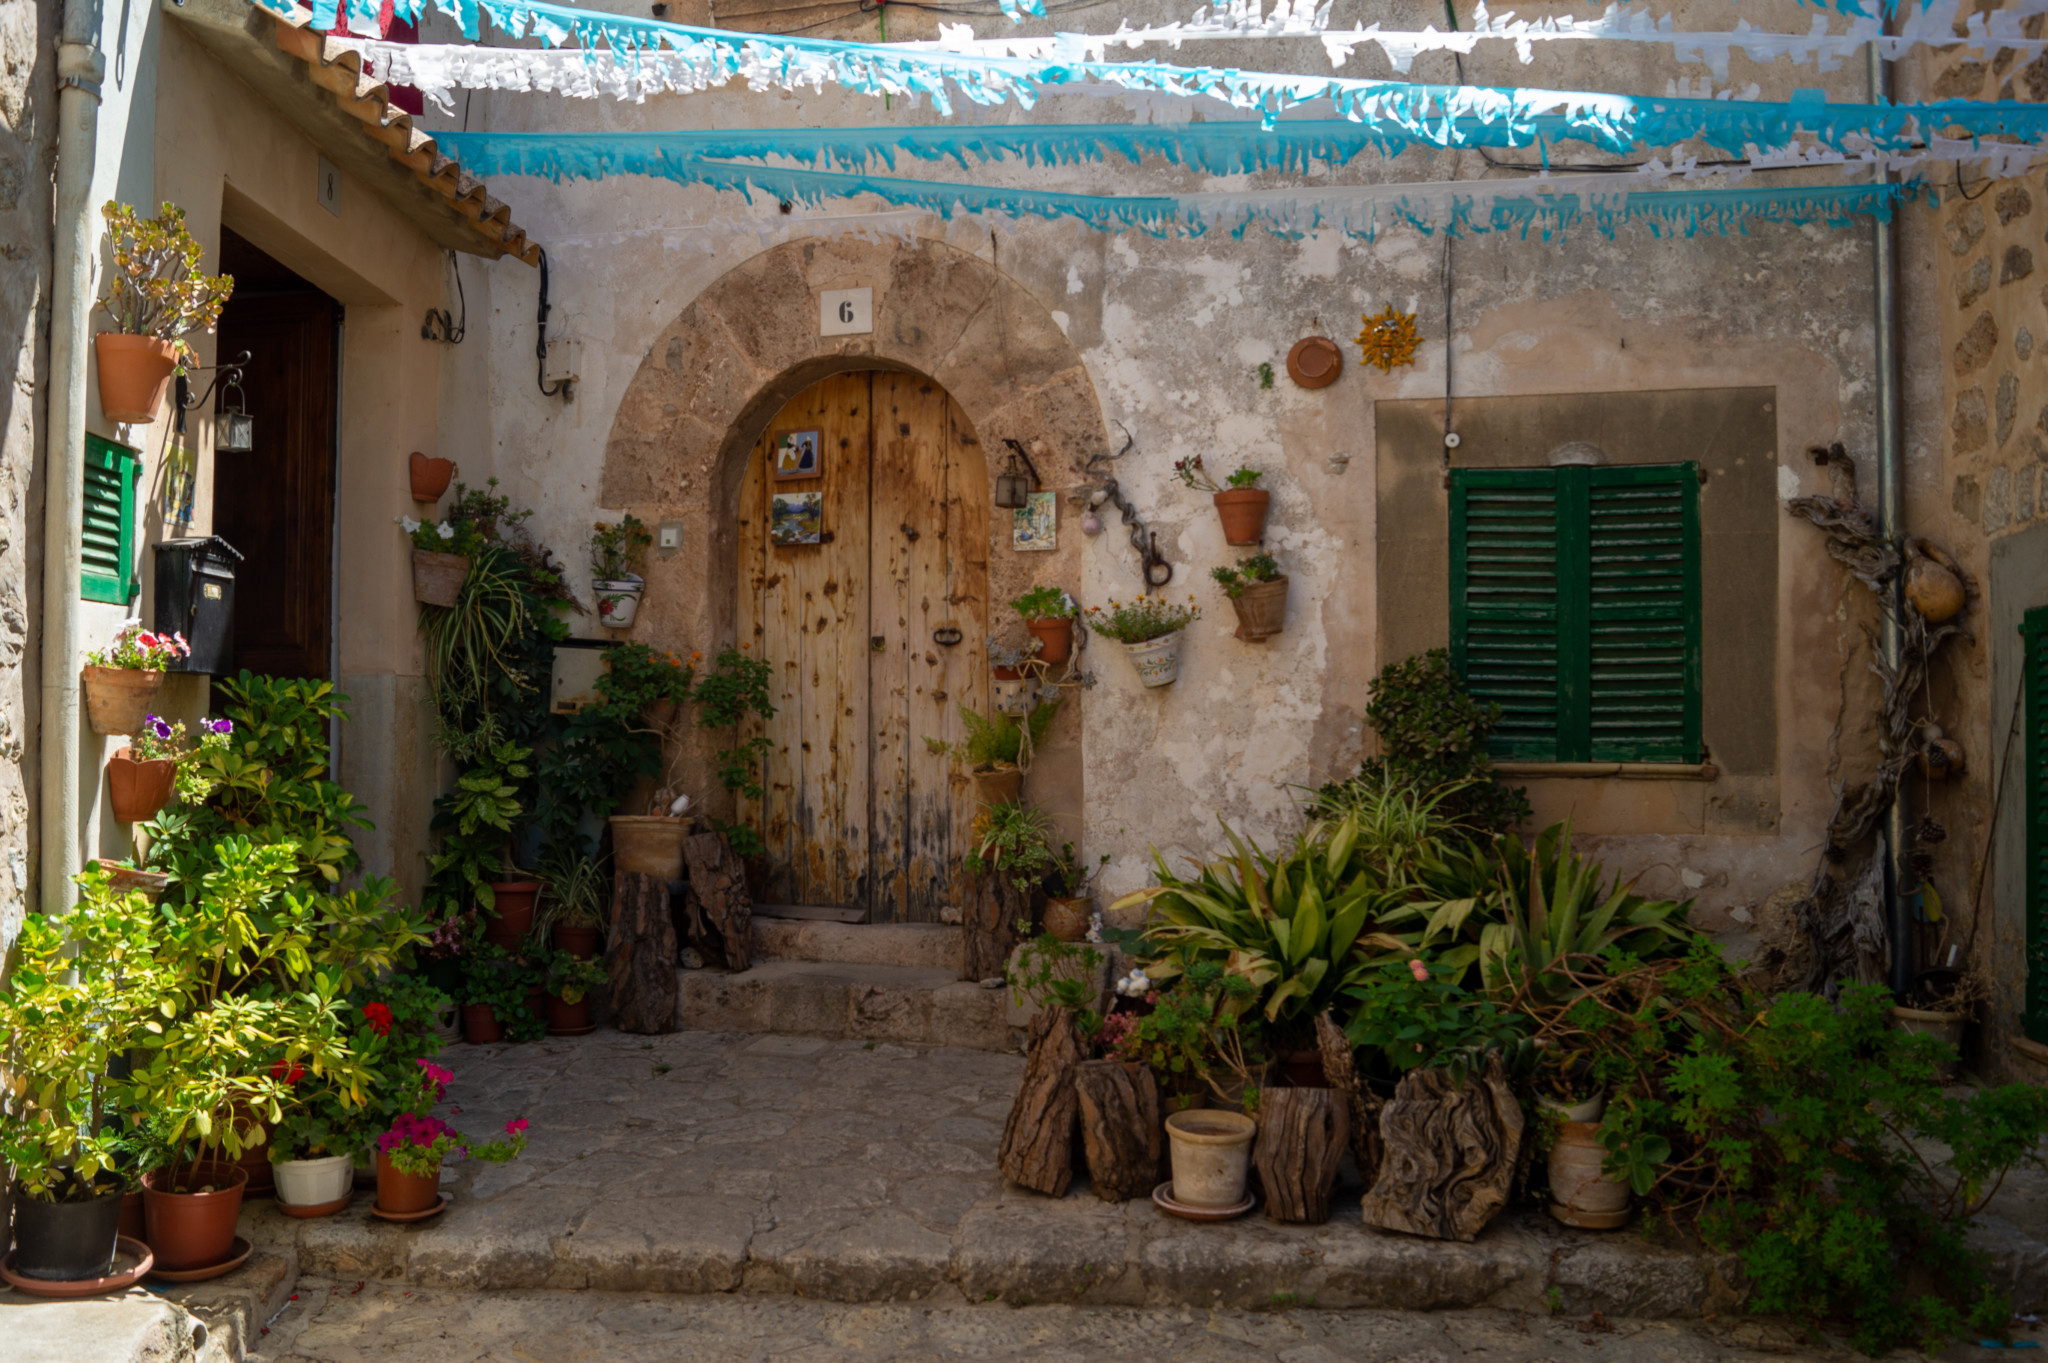 Typisches Bild in Valldemossa auf Mallorca